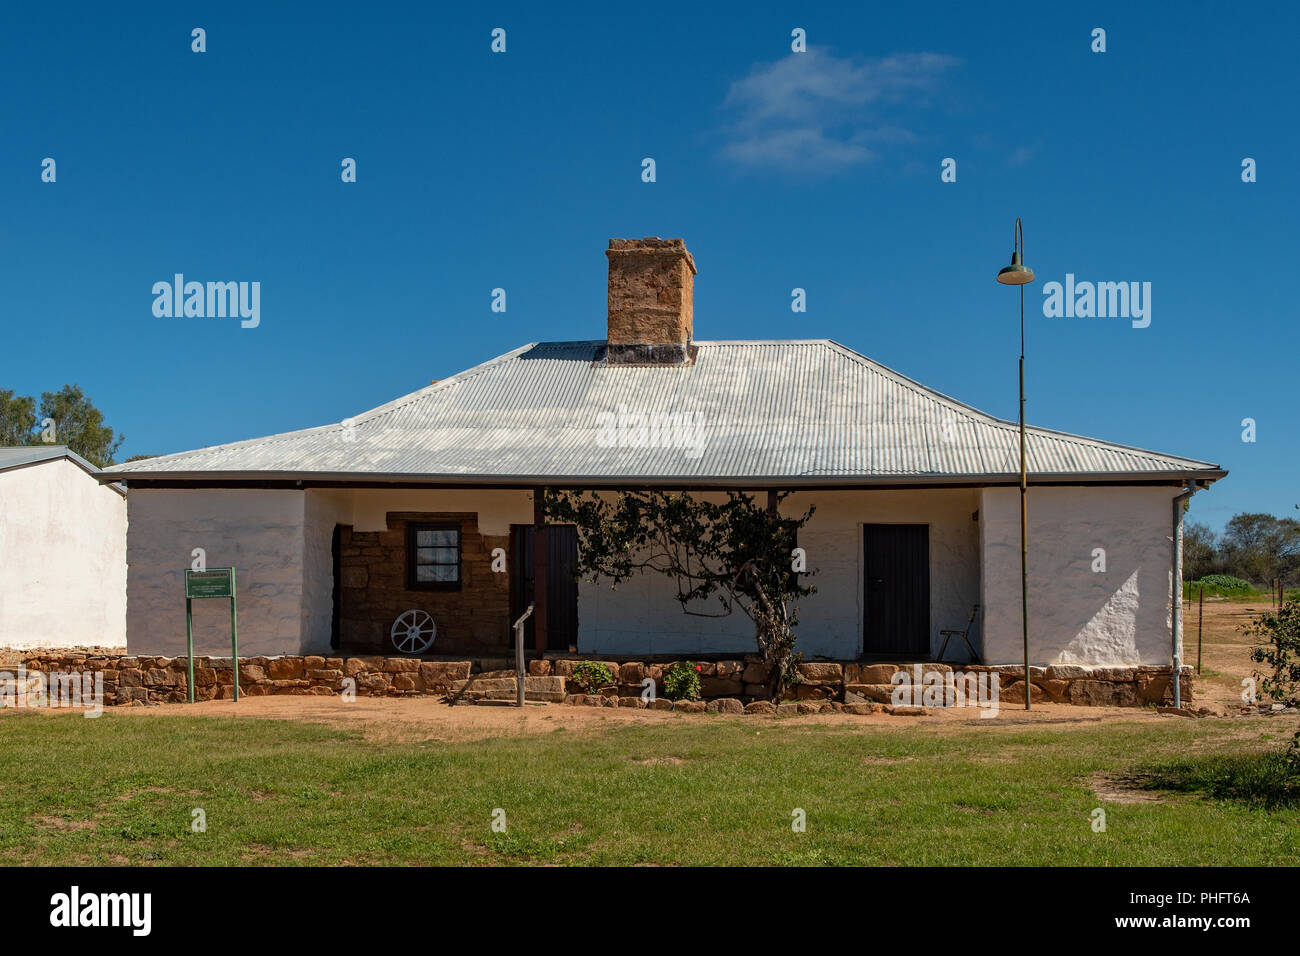 Mangowine Homestead, Nungarin, WA, Australia - Stock Image